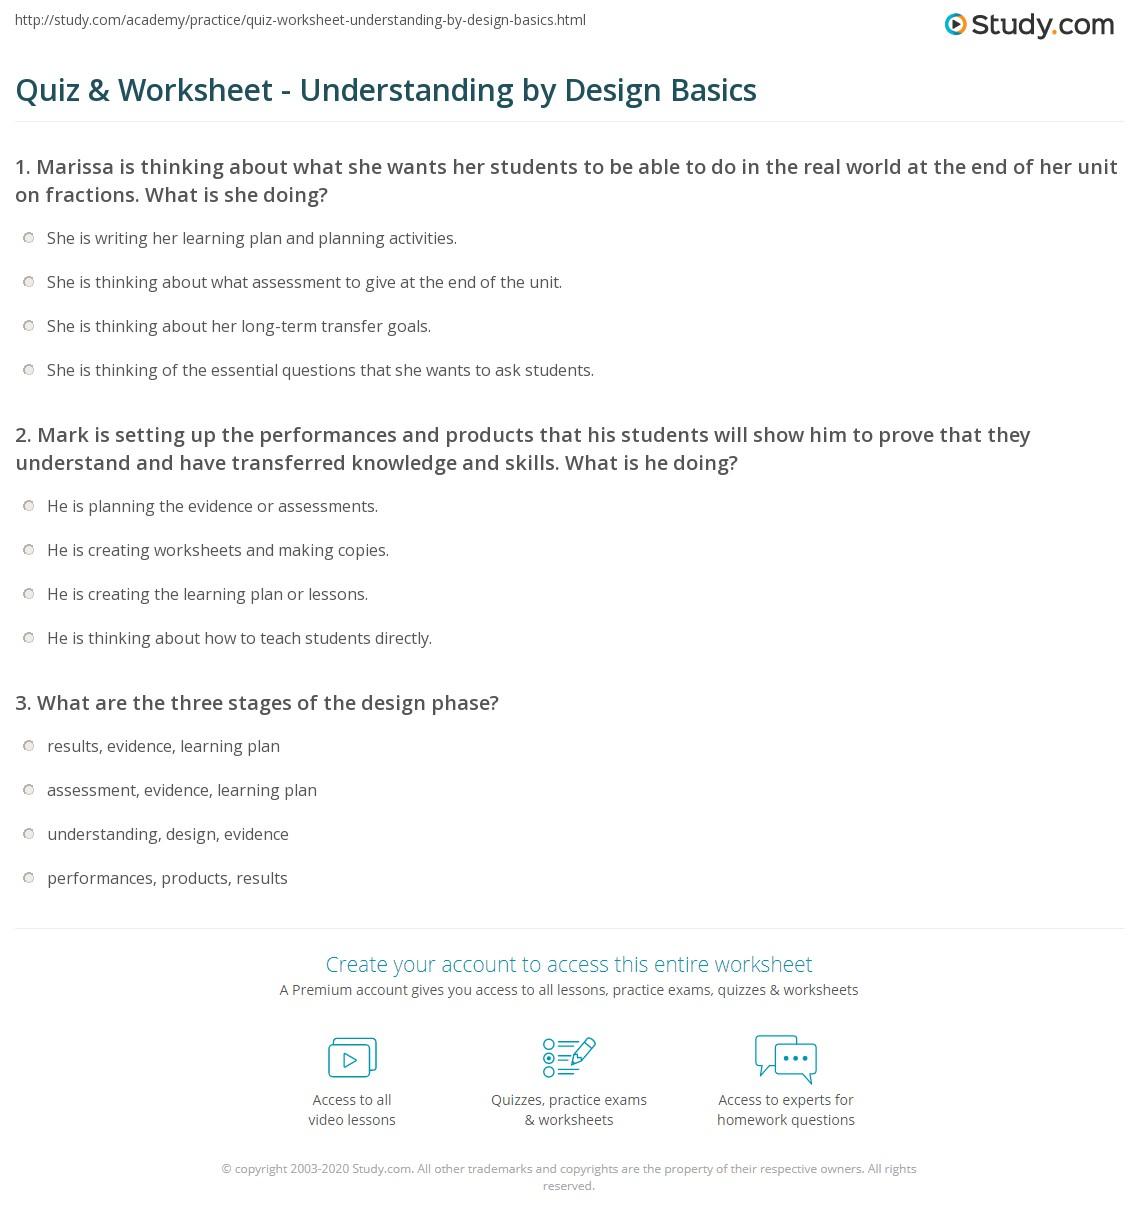 quiz worksheet understanding by design basics. Black Bedroom Furniture Sets. Home Design Ideas